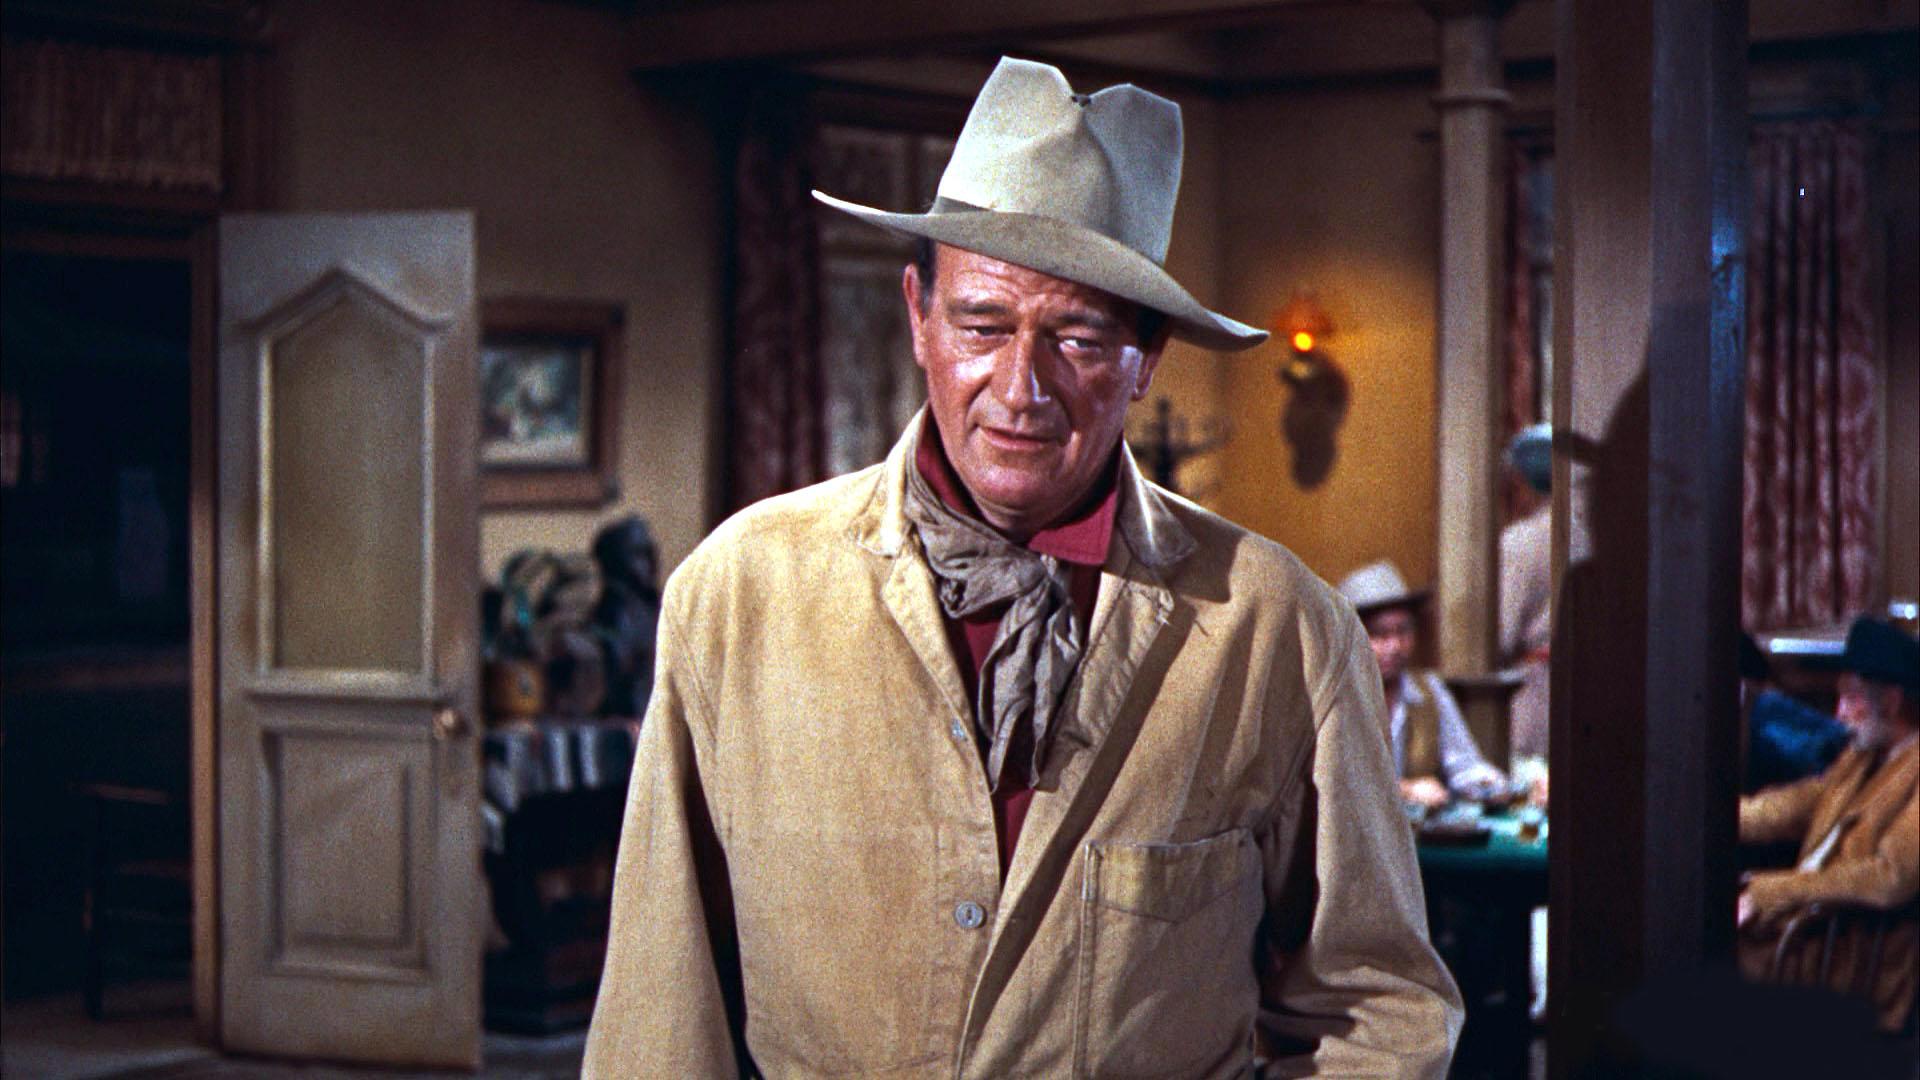 1920x1080 Celebrity John Wayne